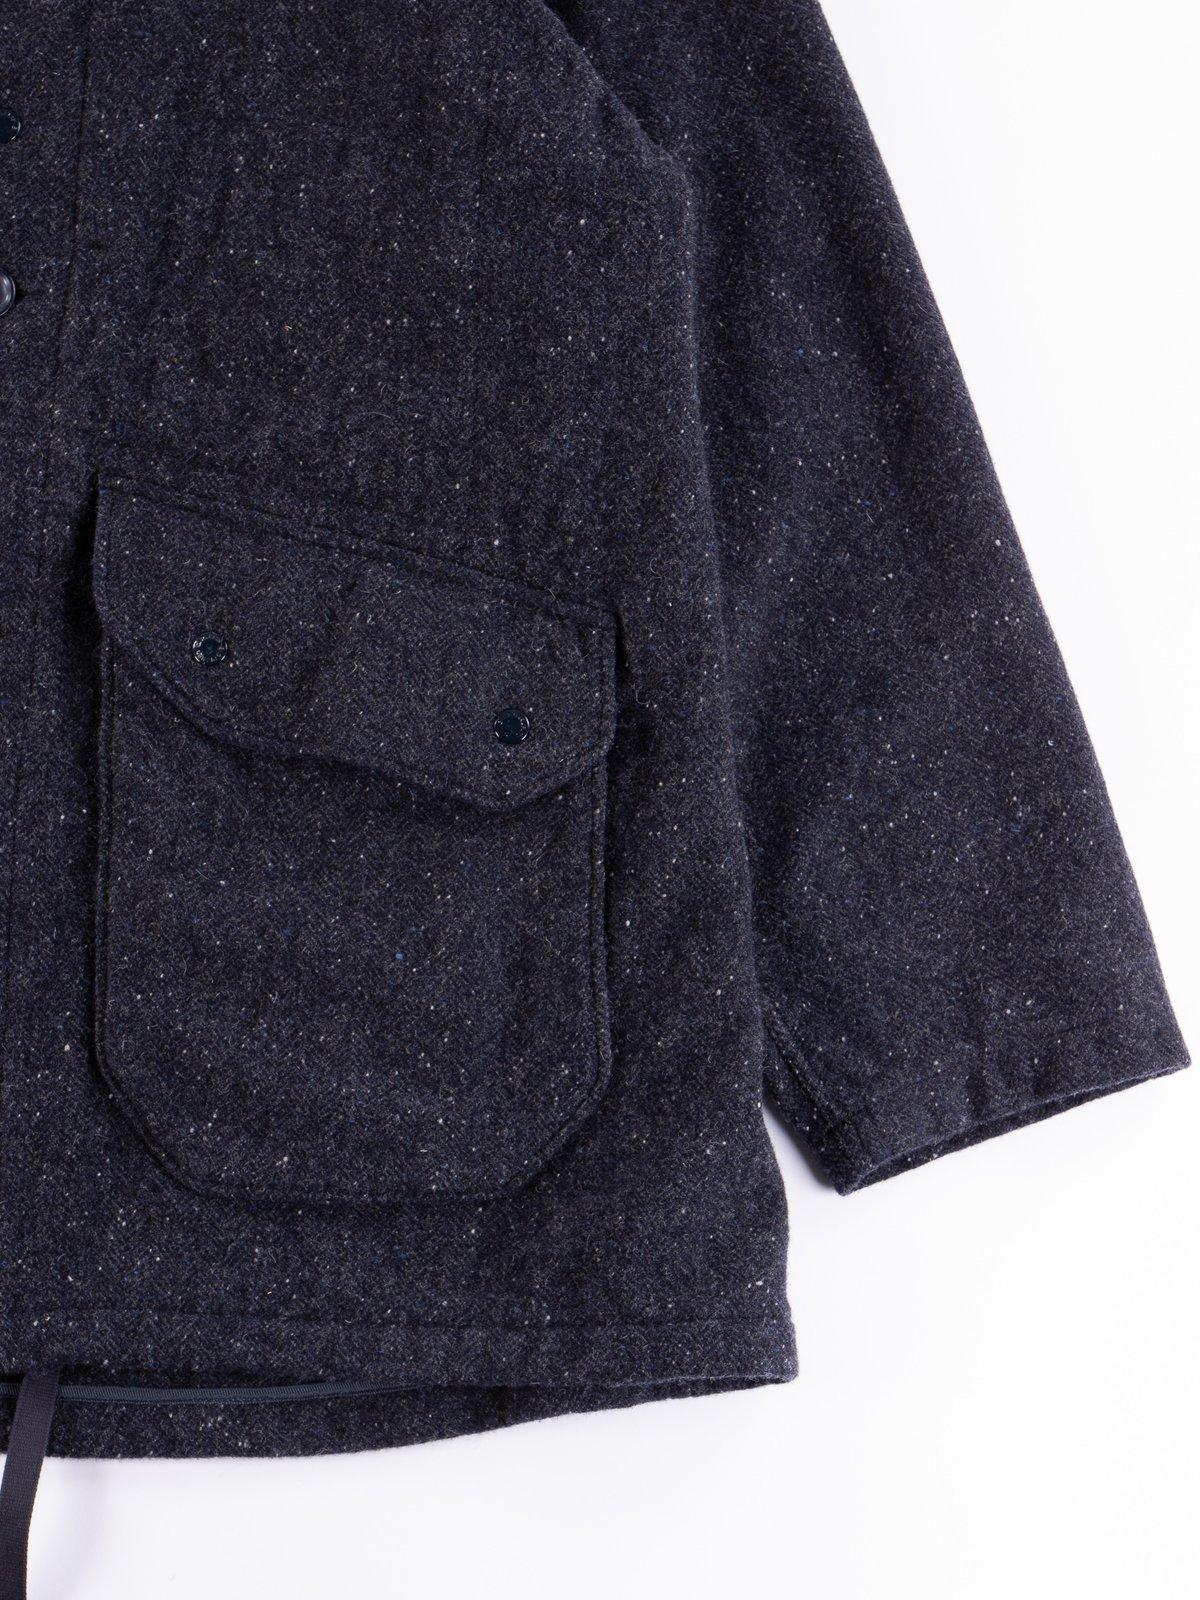 Navy Herringbone Donegal Wool Tweed Madison Parka - Image 5